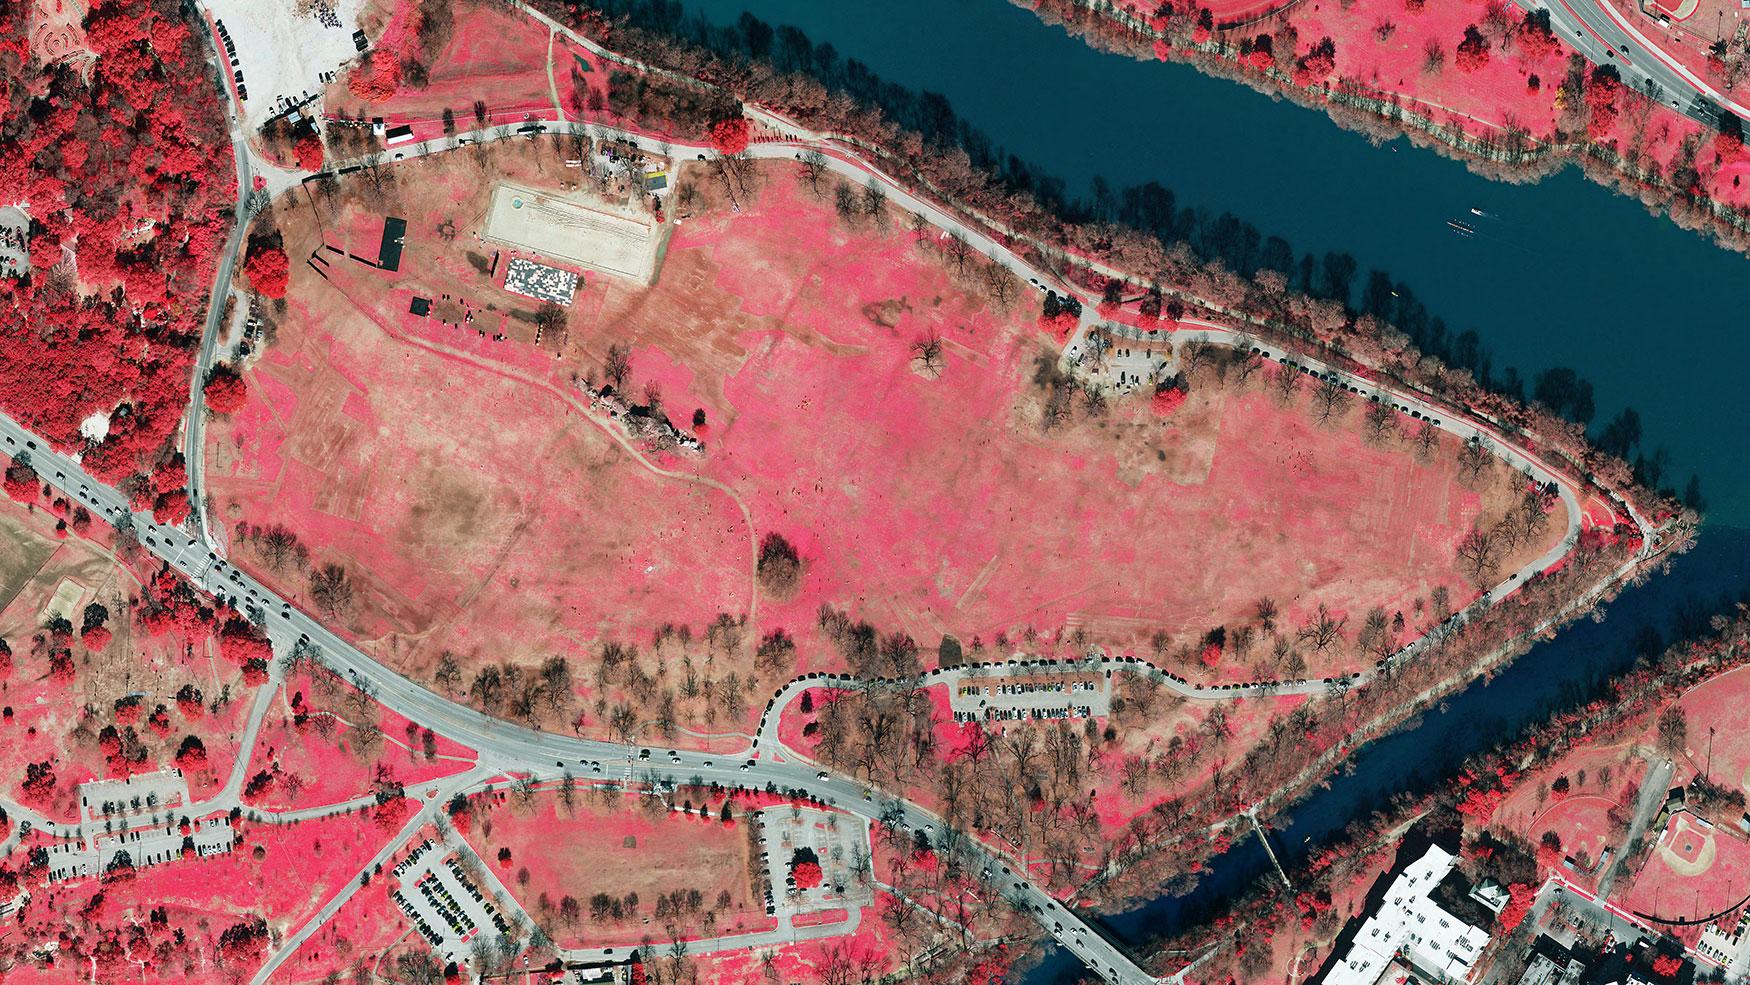 Color infra red of Zilker Park